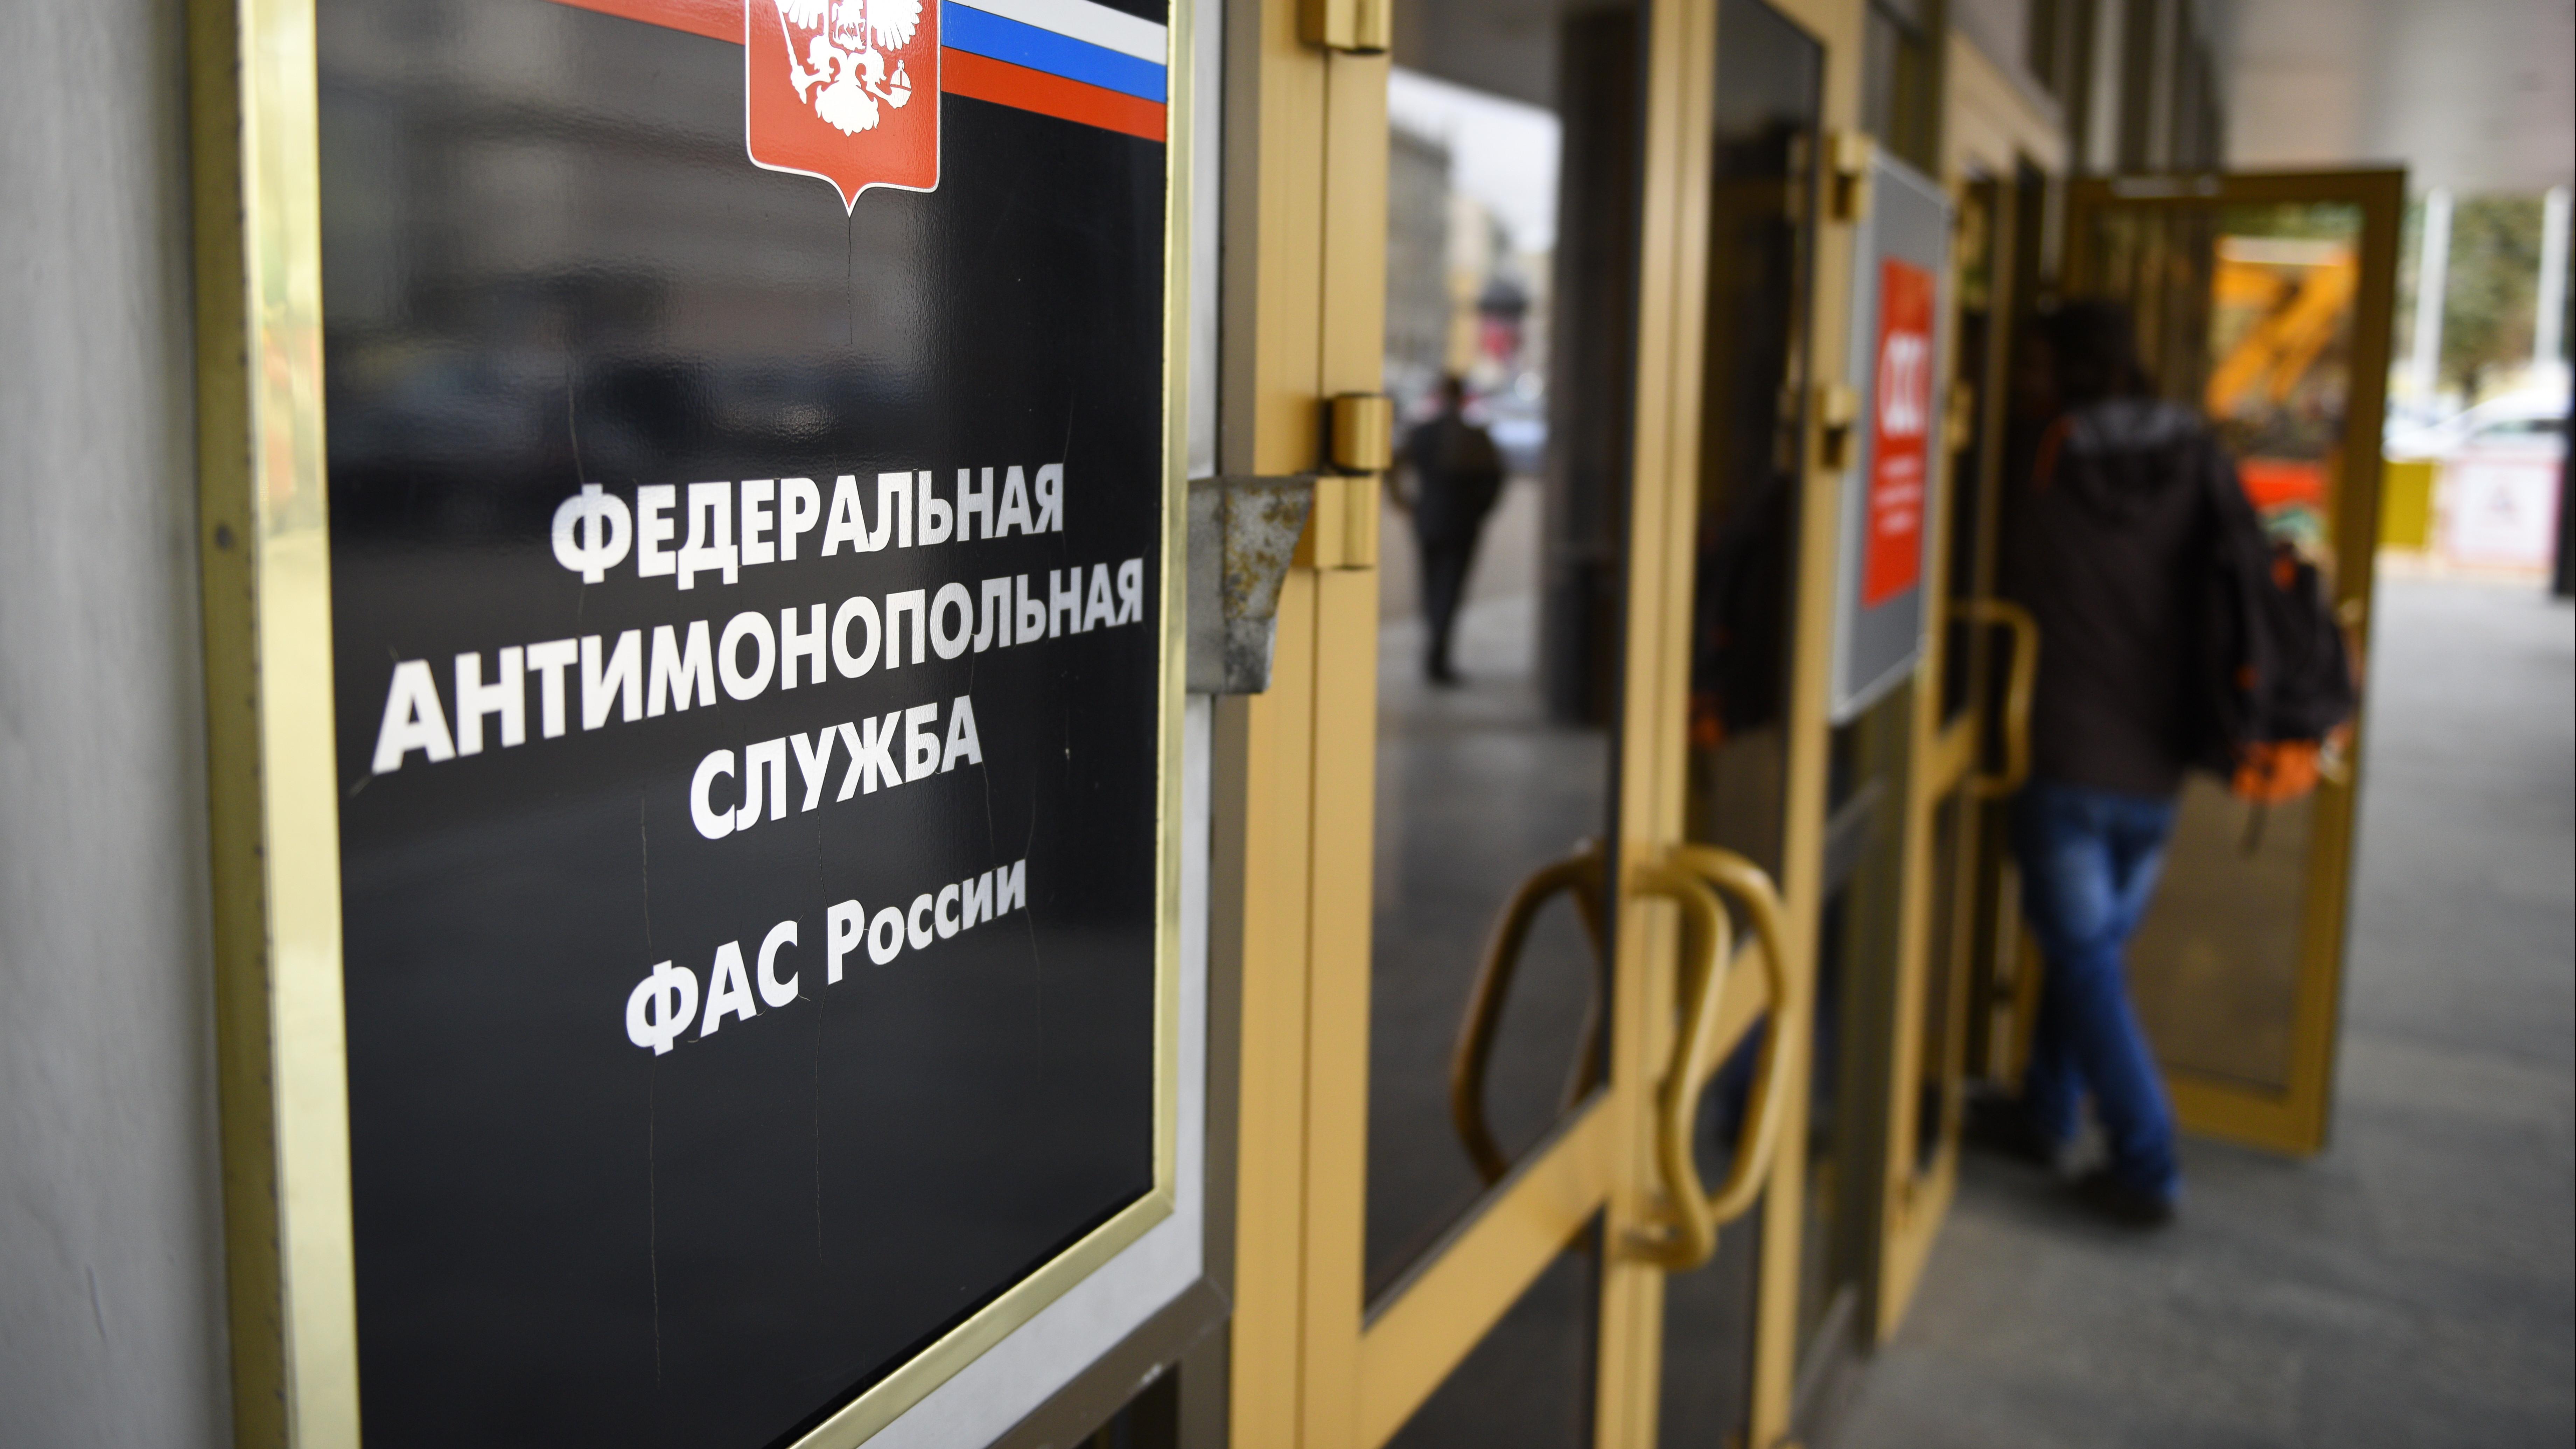 Суд поддержал решение УФАС по делу о нарушении АО «Банк Русский Стандарт» закона о рекламе